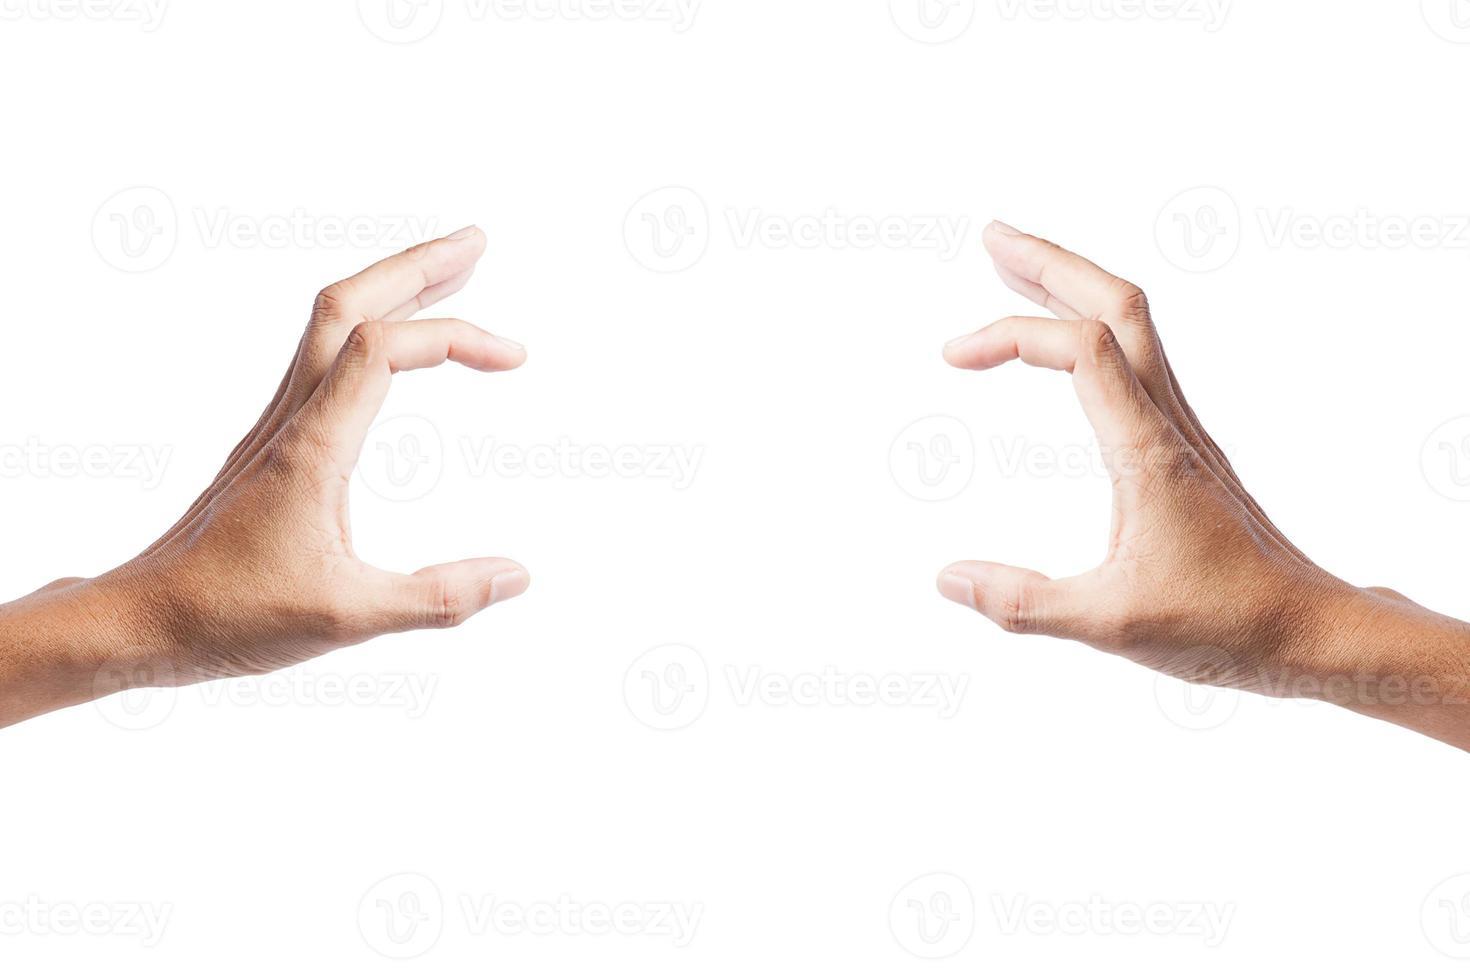 mano maschile isolata su sfondo bianco foto